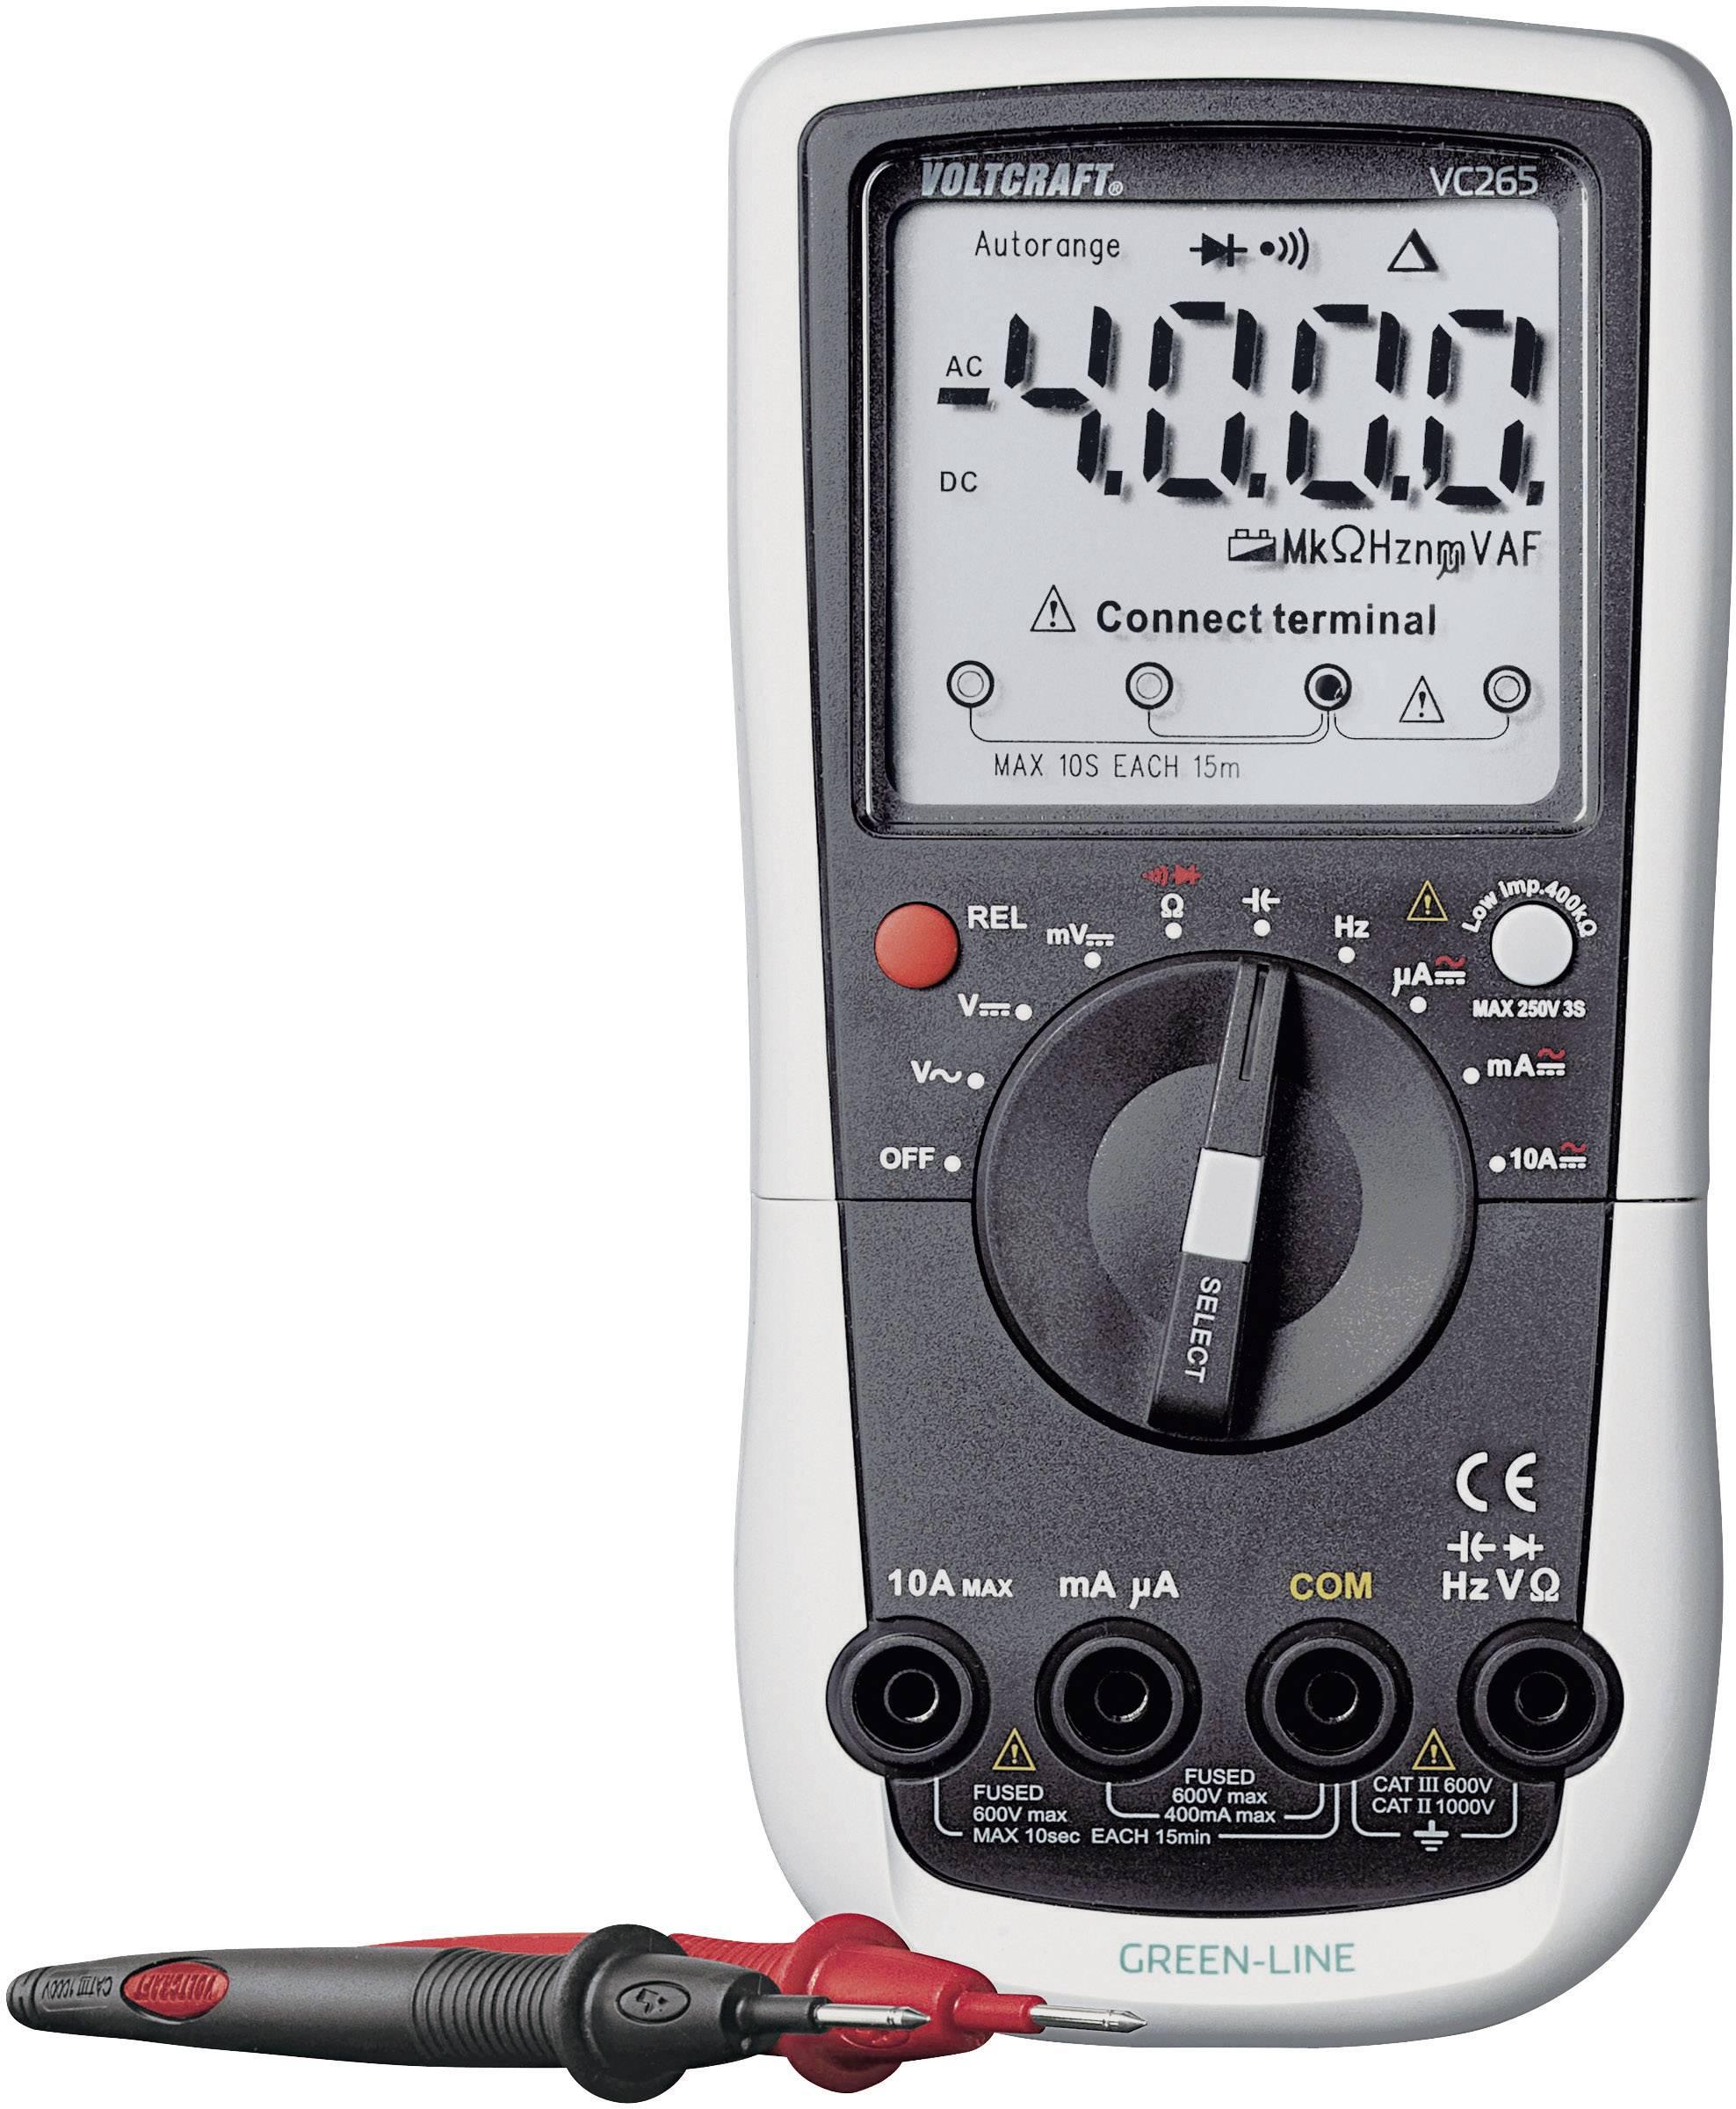 CAT IV 600 IP65 Multim/ètre VOLTCRAFT VC-440 E VC-440 E num/érique prot/ég/é contre les projections deau CAT III 1000 V